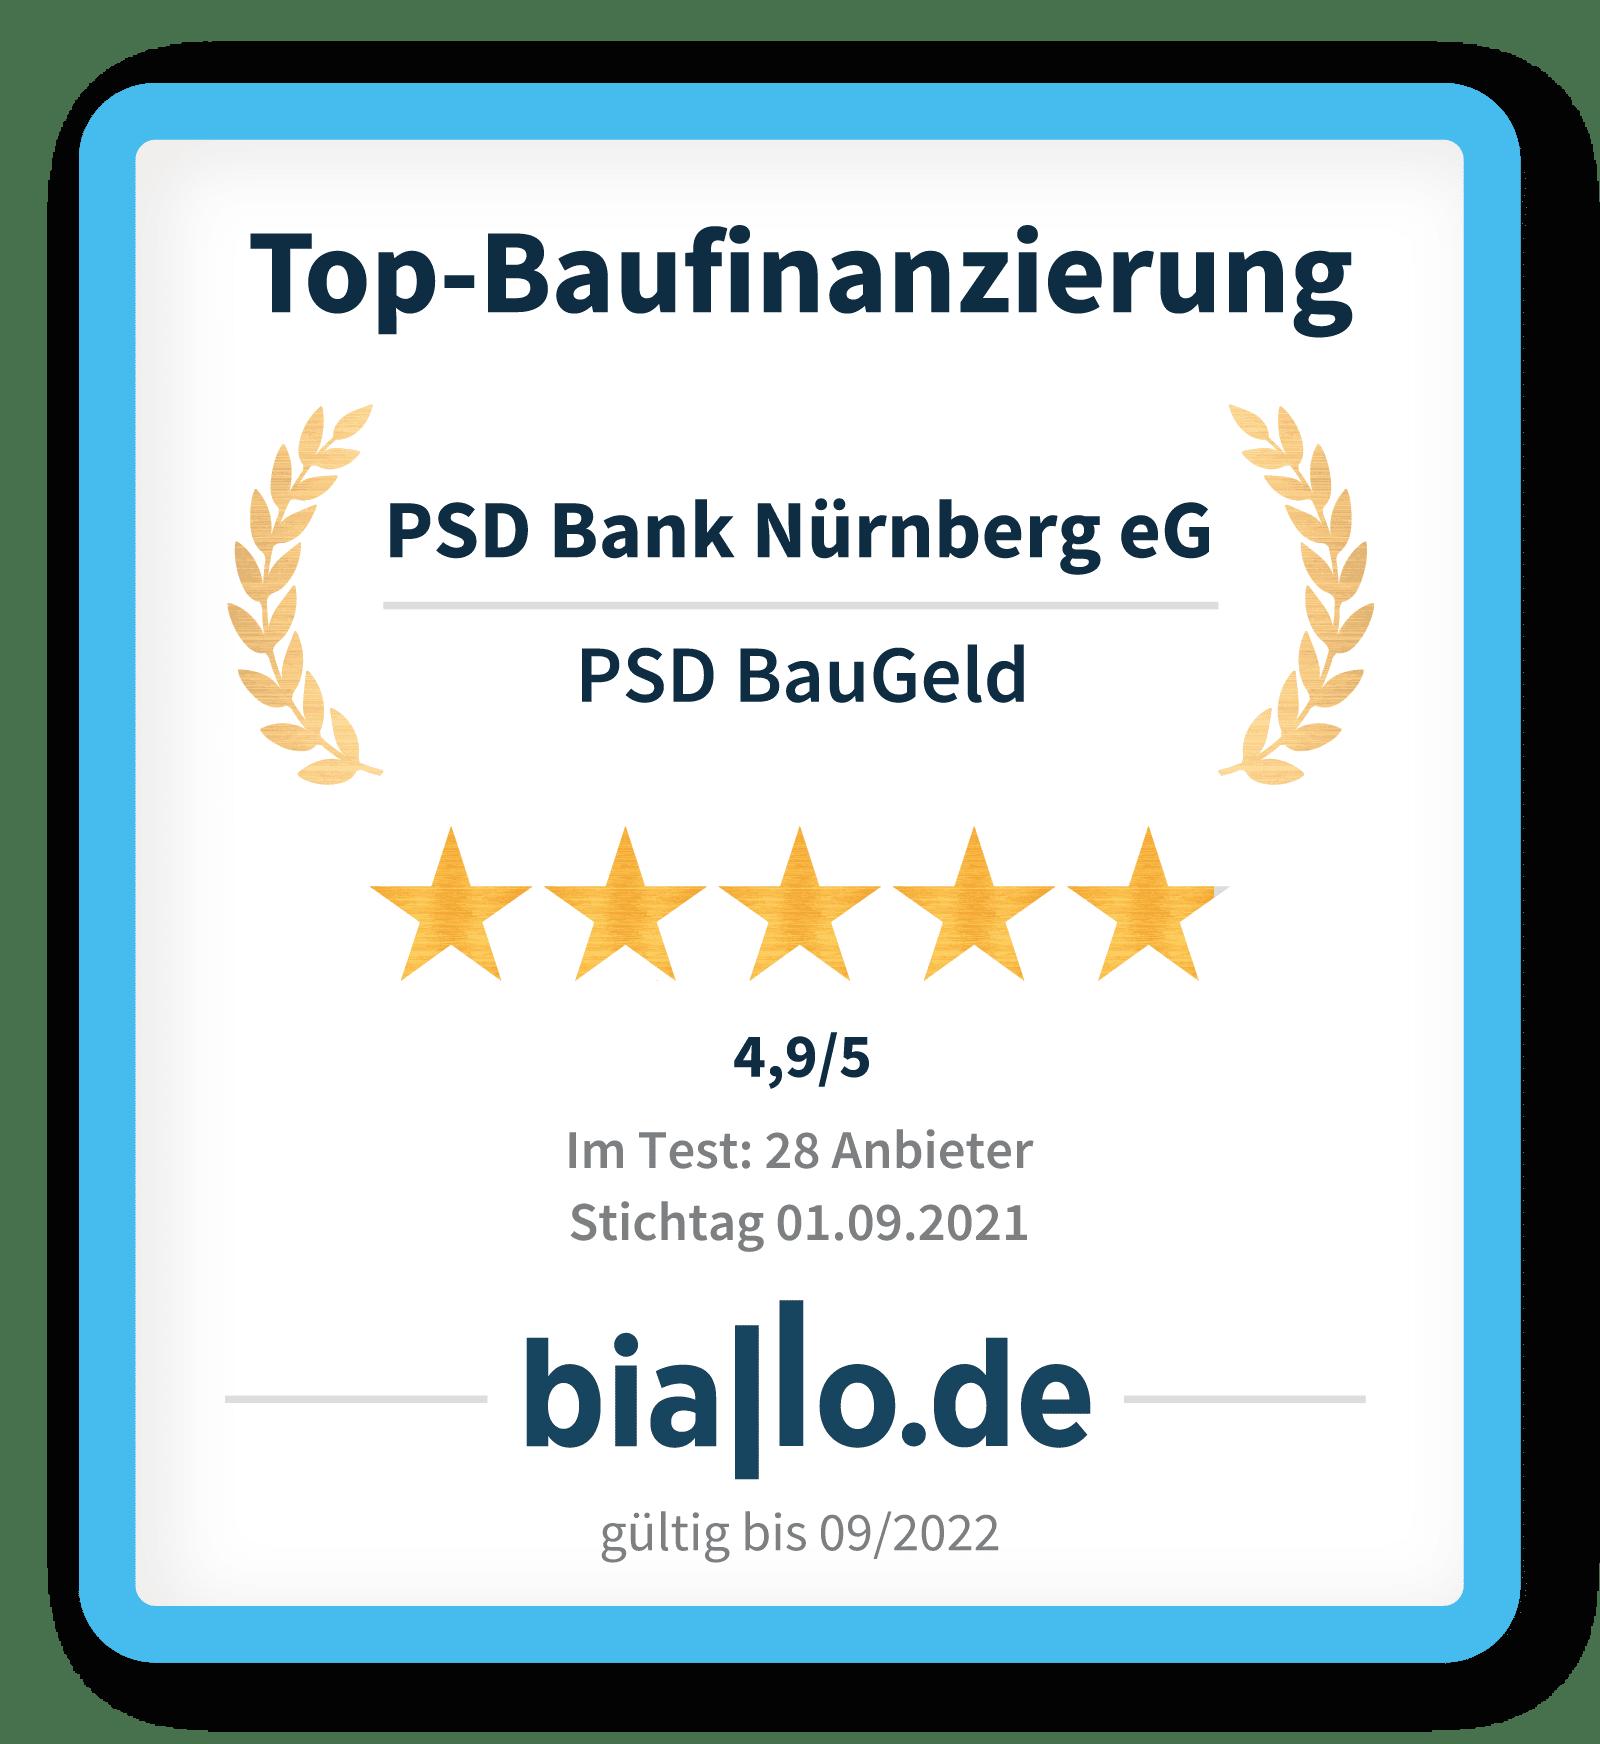 Top-Baufinanzierer - Ausgezeichnet von Biallo.de